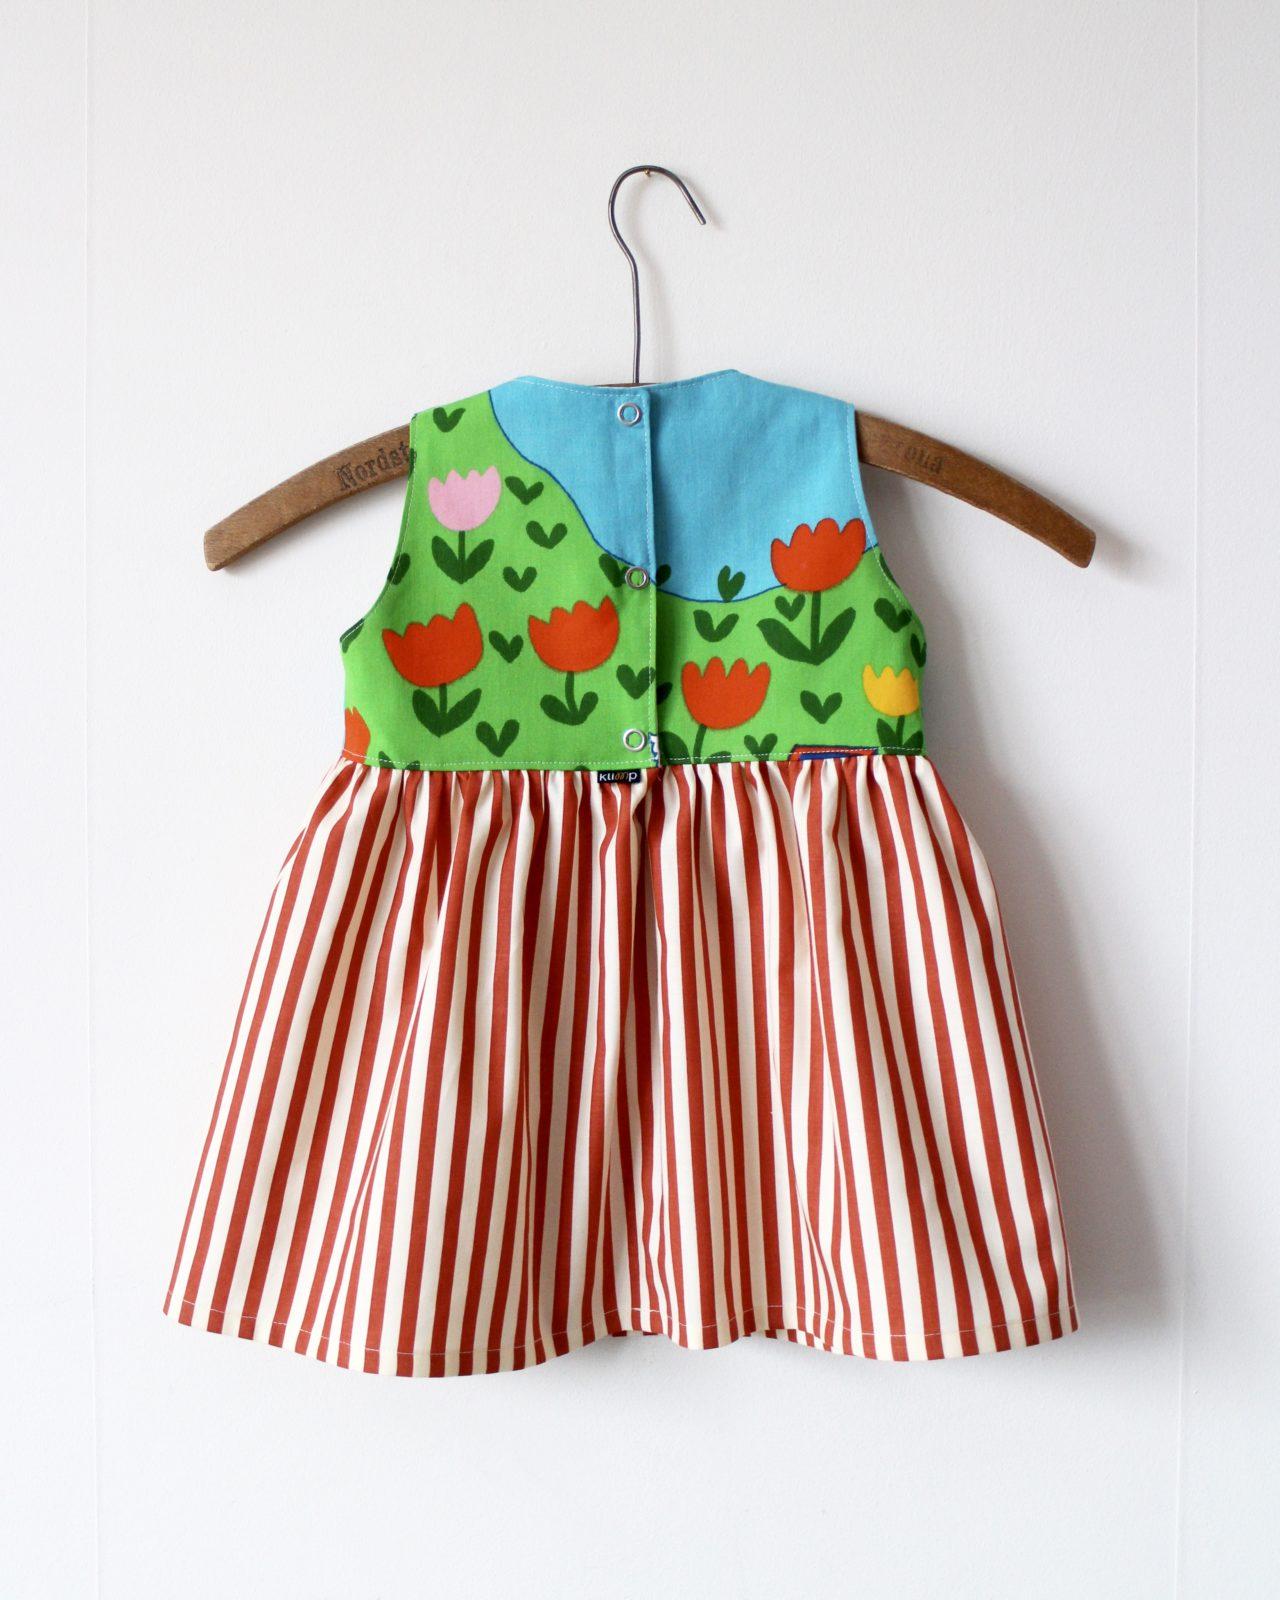 Klänning Barnklänning Barnkläder Klimp Design Återbruk Retrotyg Retro Vintage Vintagetyg Netterdag Södra Strömgatan